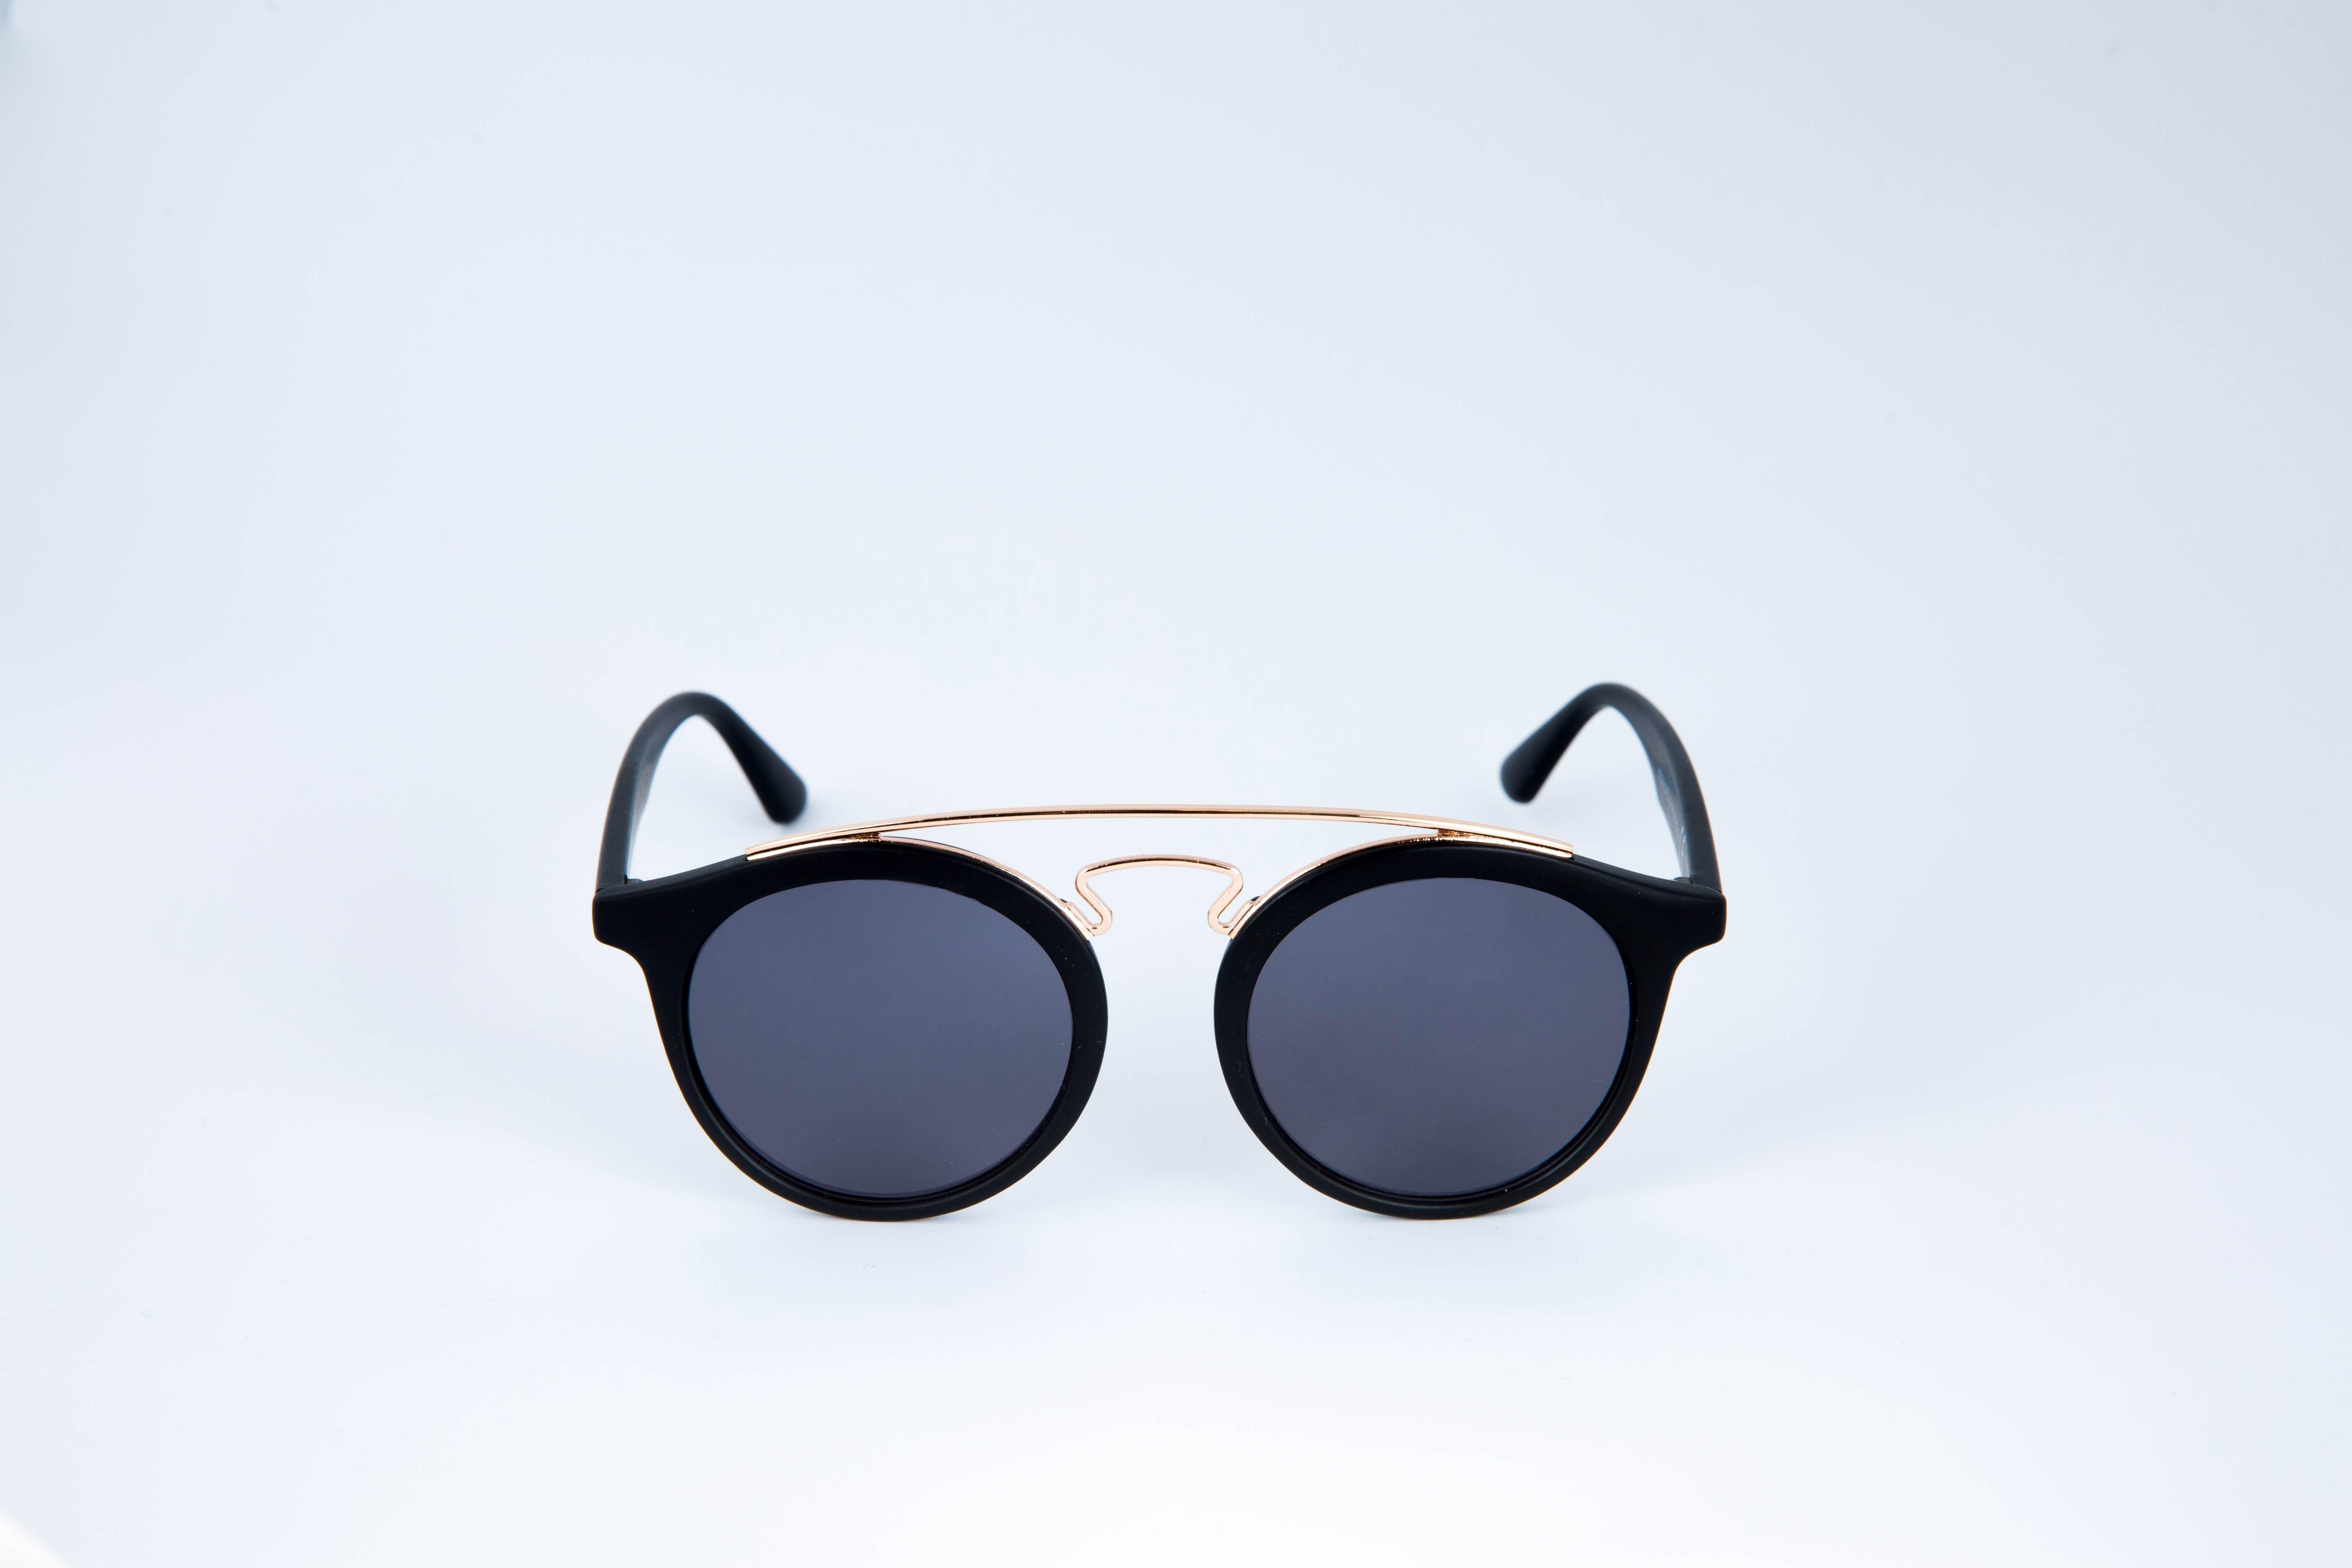 Lunette de Soleil - Homme - Femme - Accessoire - Noir Mat - Double ... e2680d2fc688